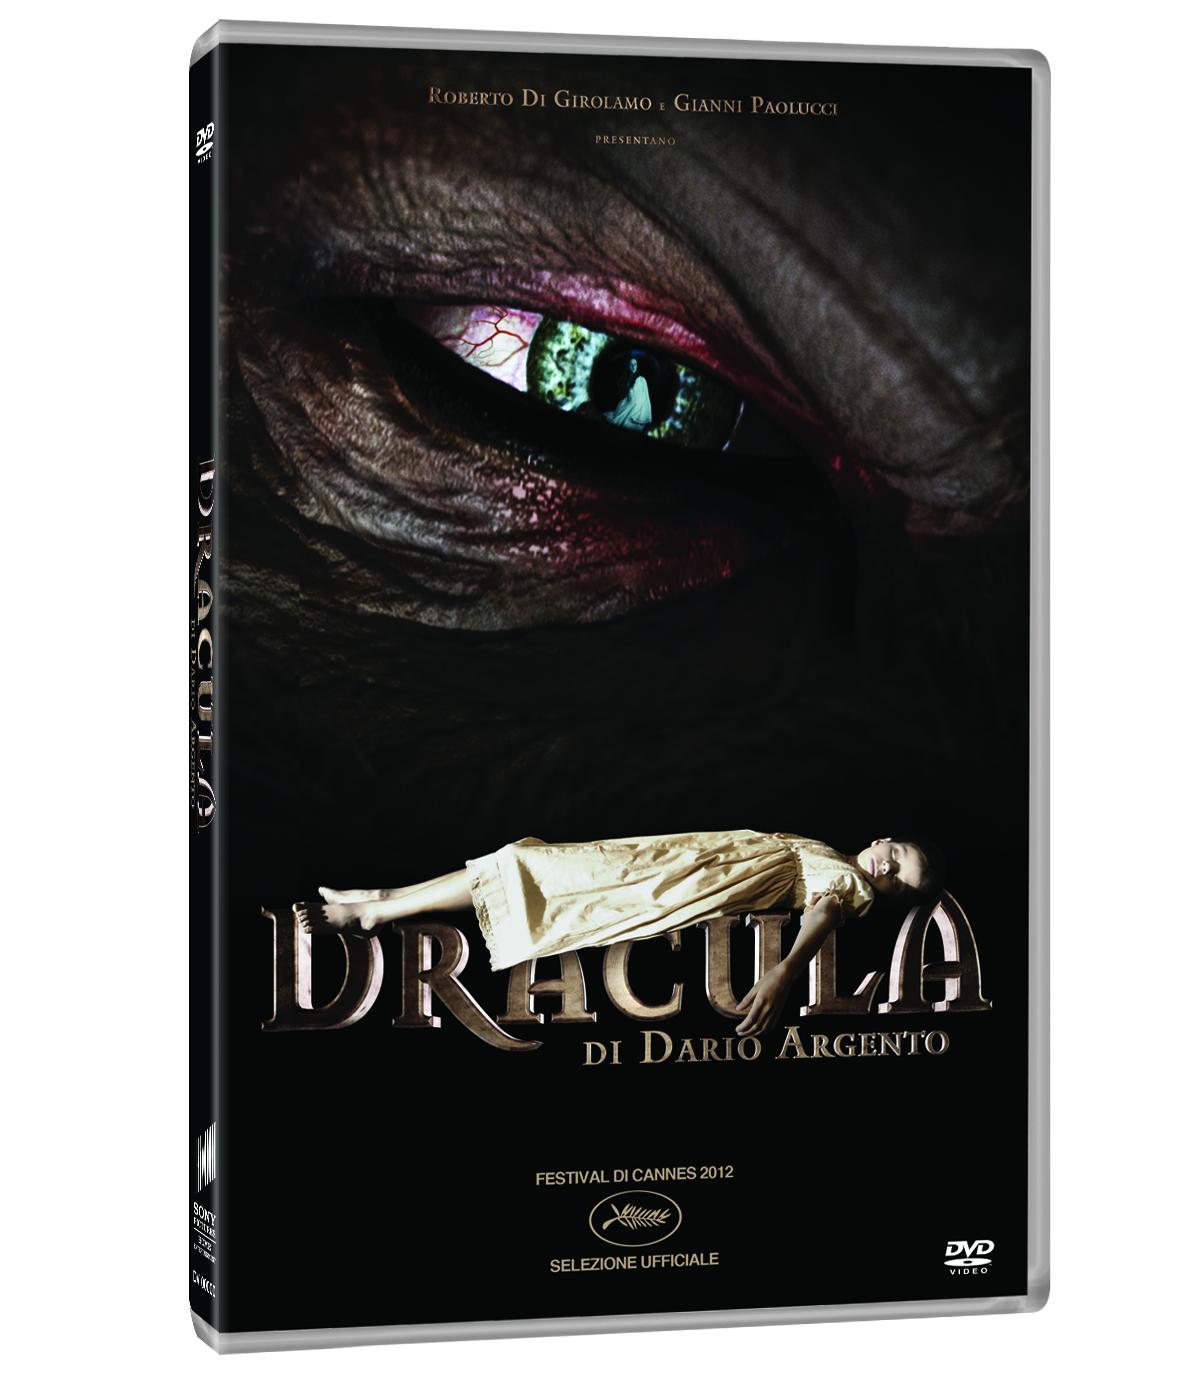 Dracula Dario Argento DVD